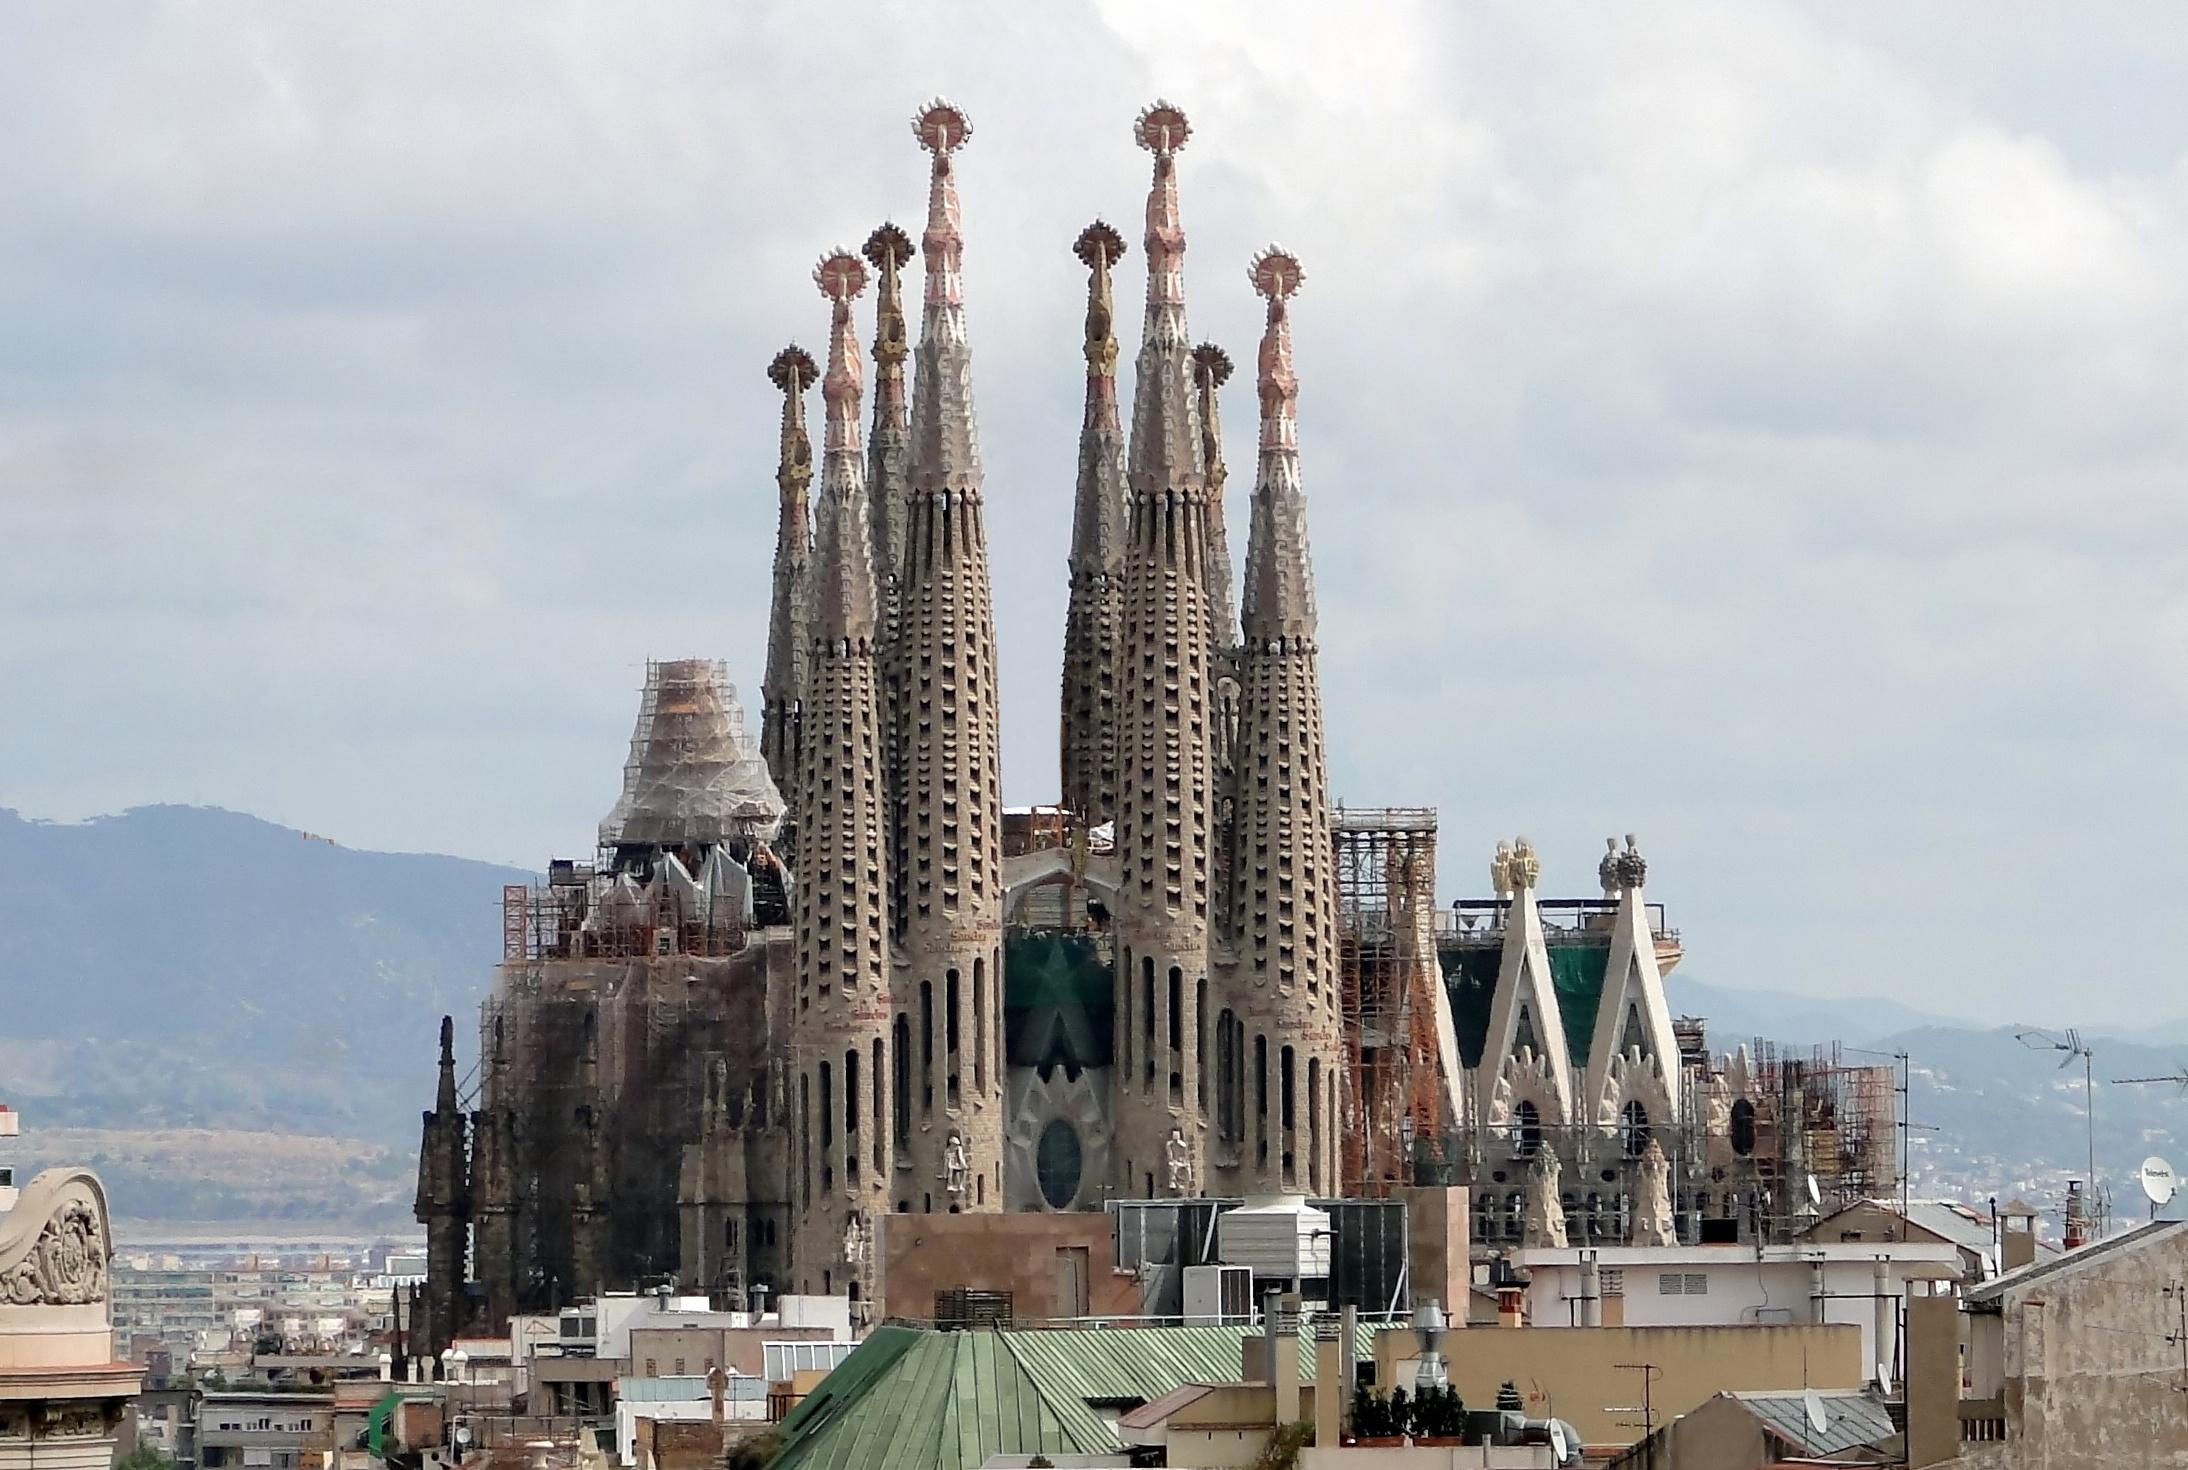 Thánh đường Sagrada Familia: Công trình xuyên thế kỷ